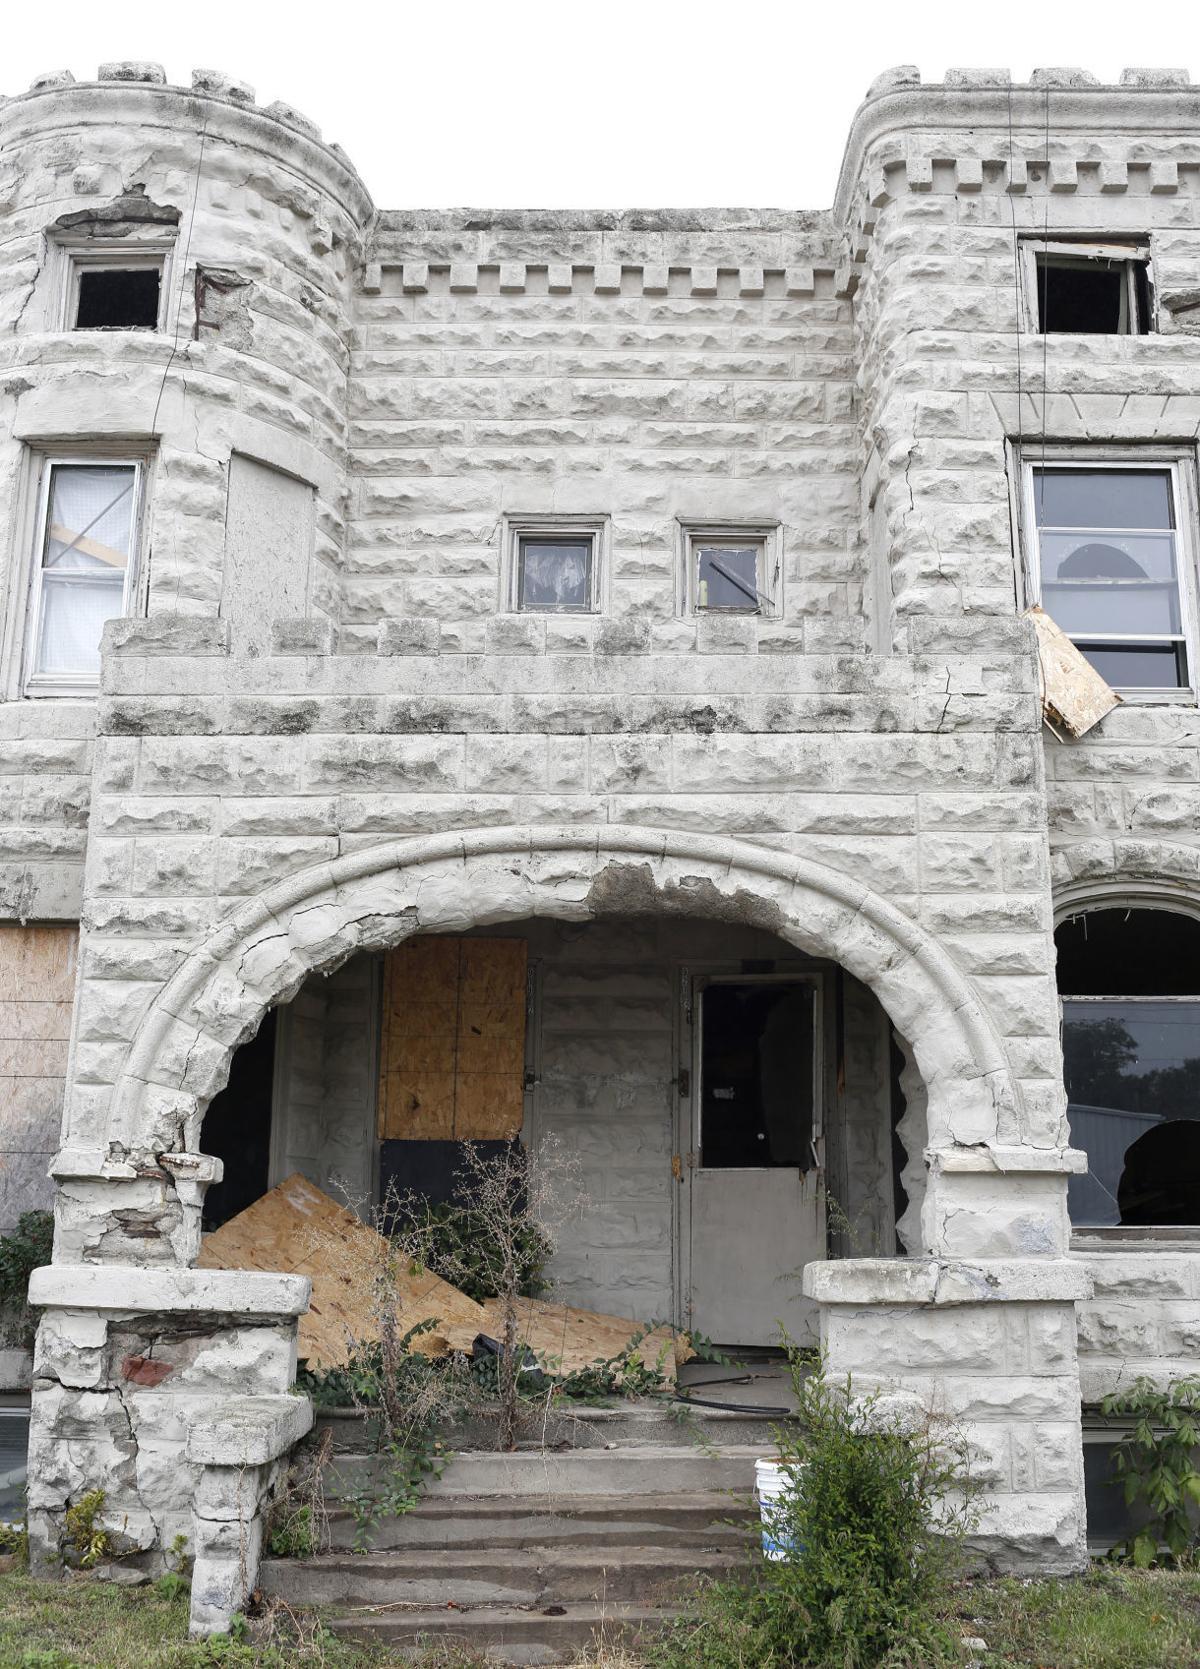 101117mp-Castle-Apartment-building-2